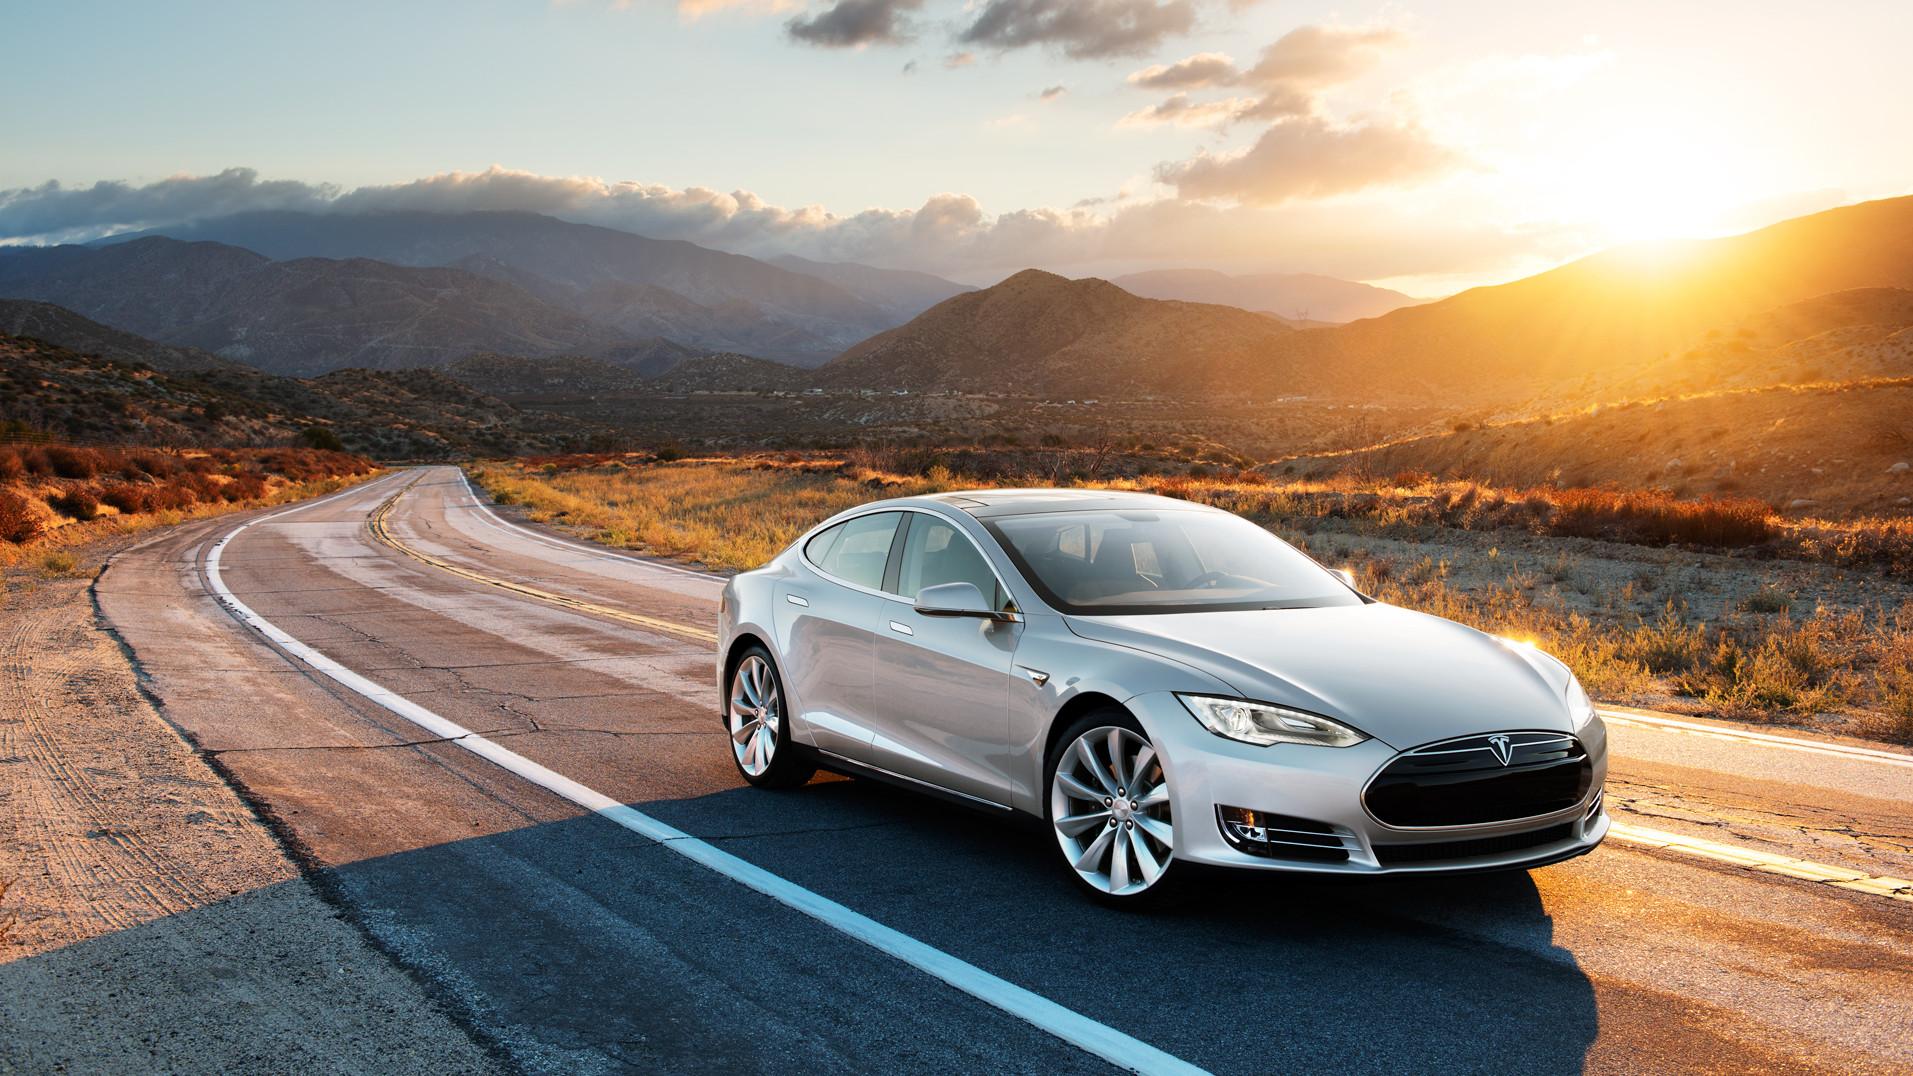 Video: Tesla Model S brennt ab nach Unfall